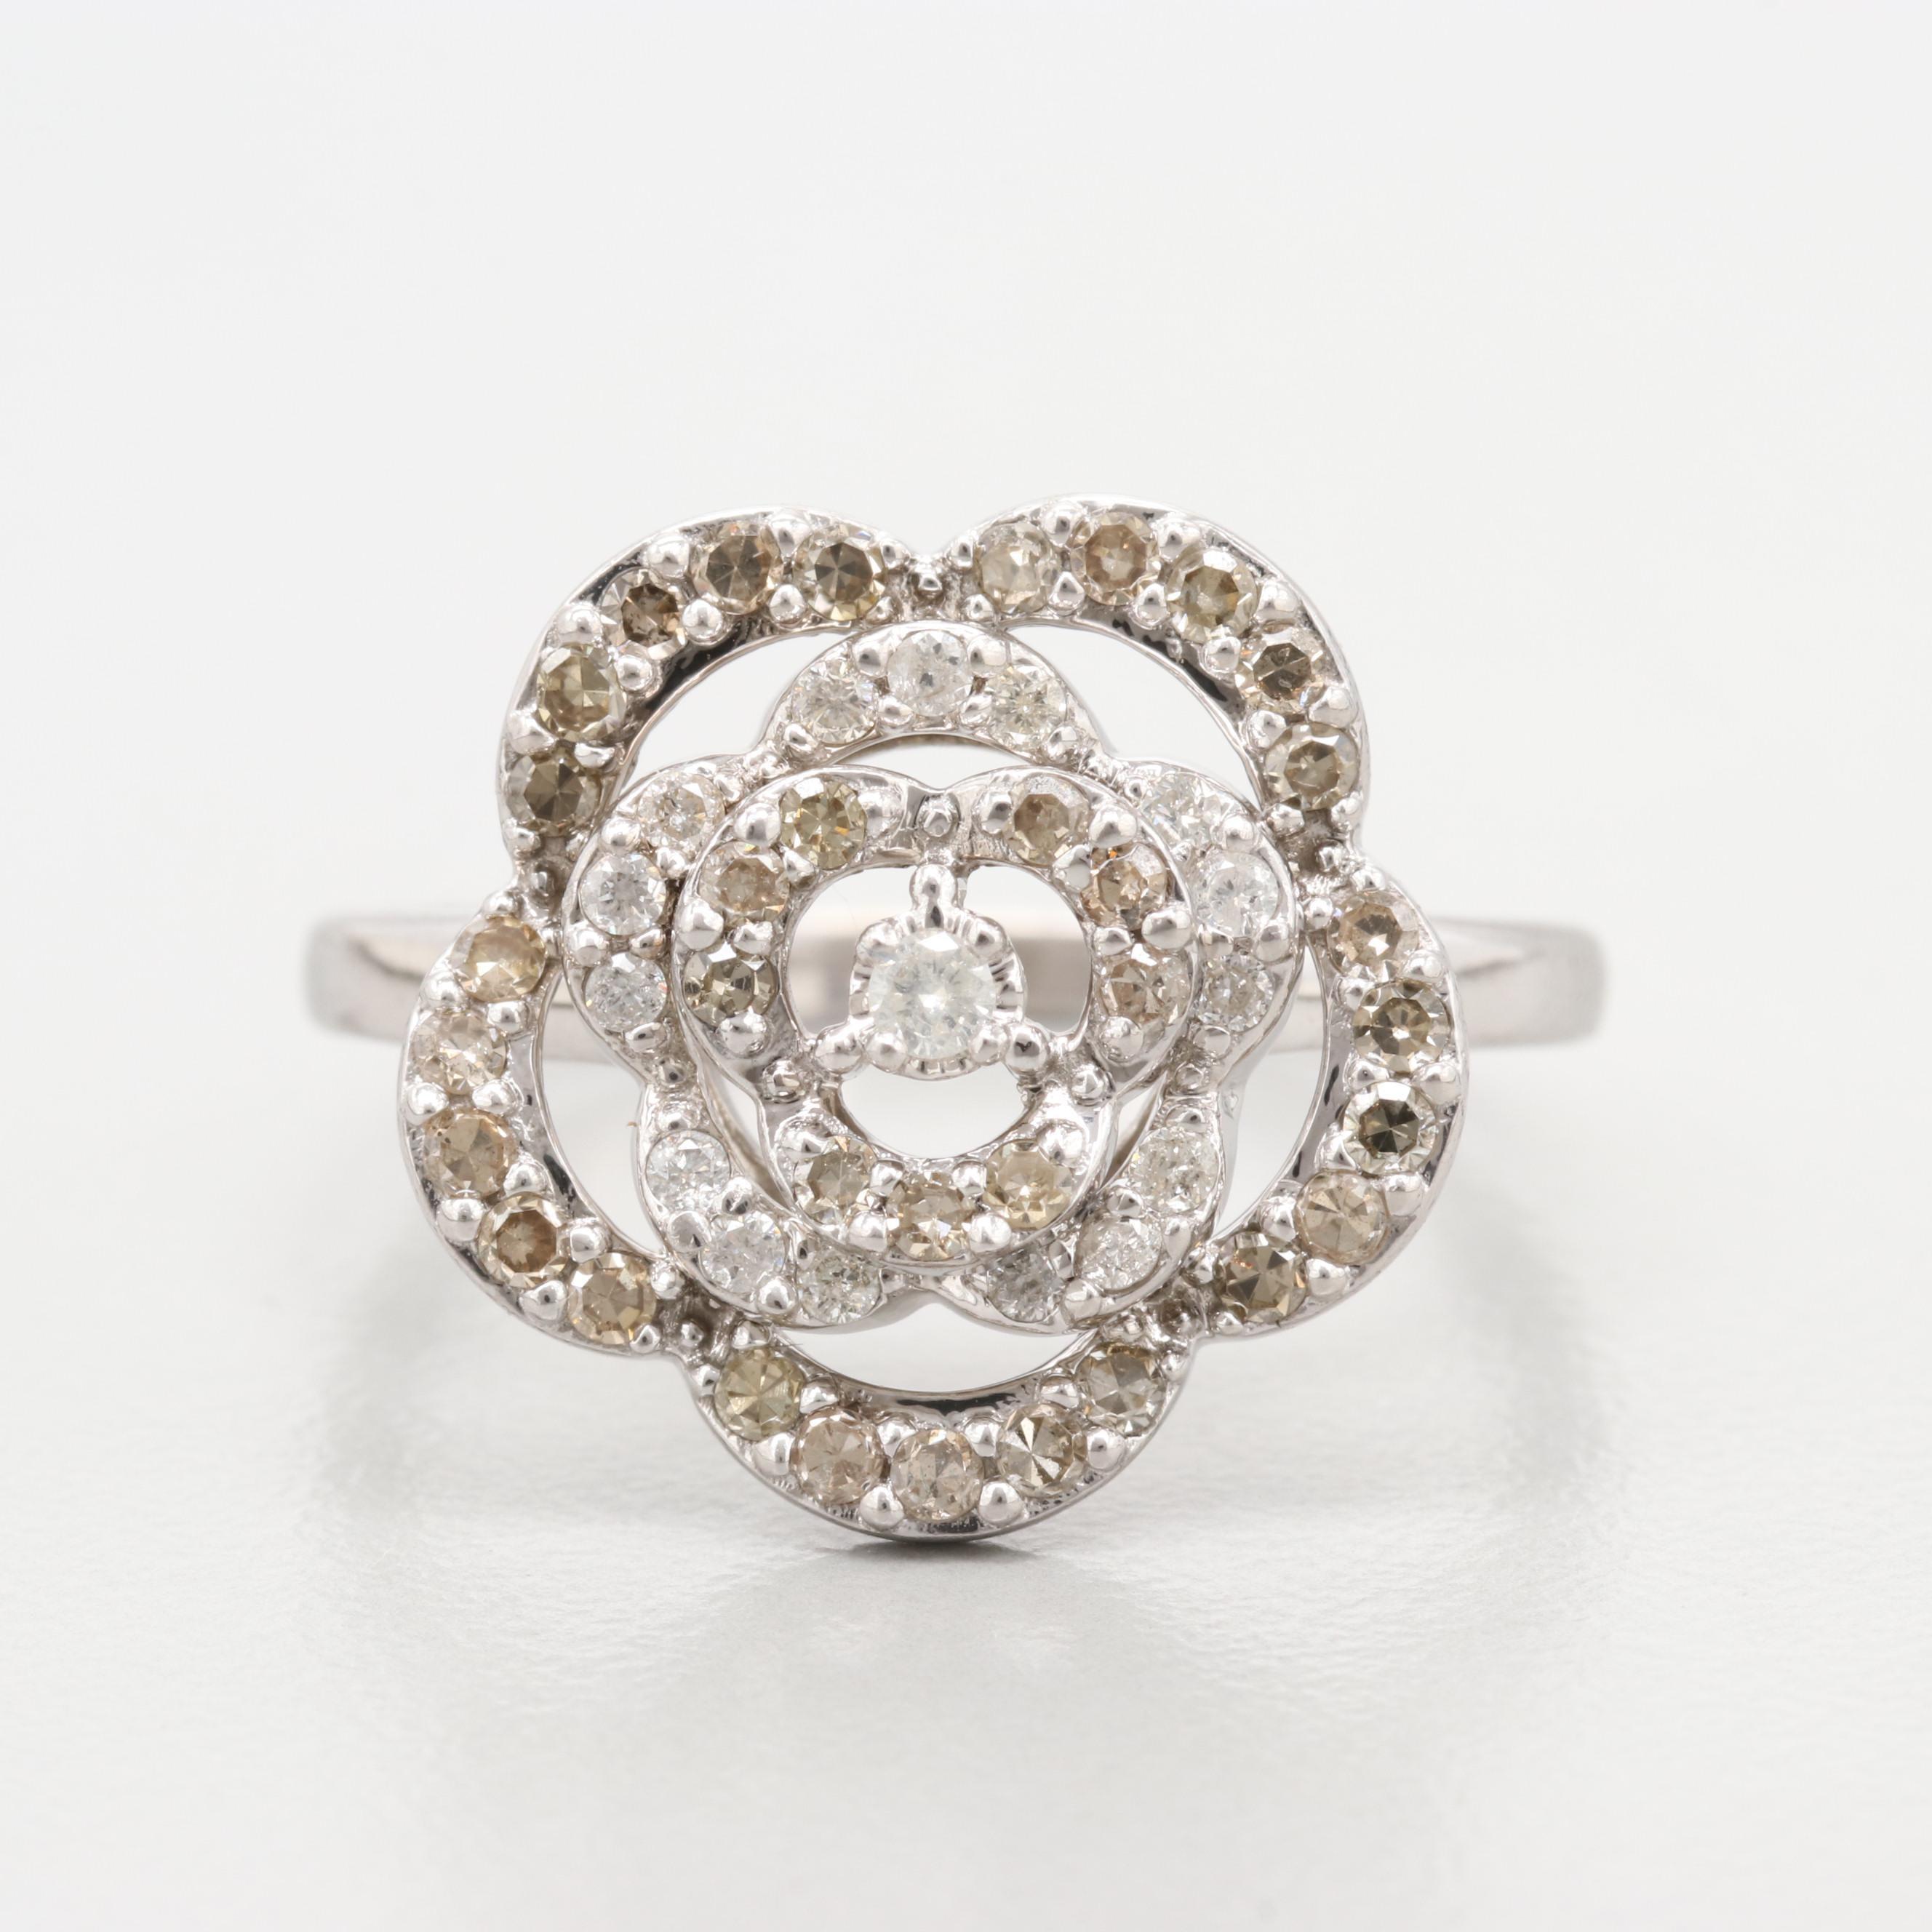 14K White Gold Diamond Flower and Heart Ring